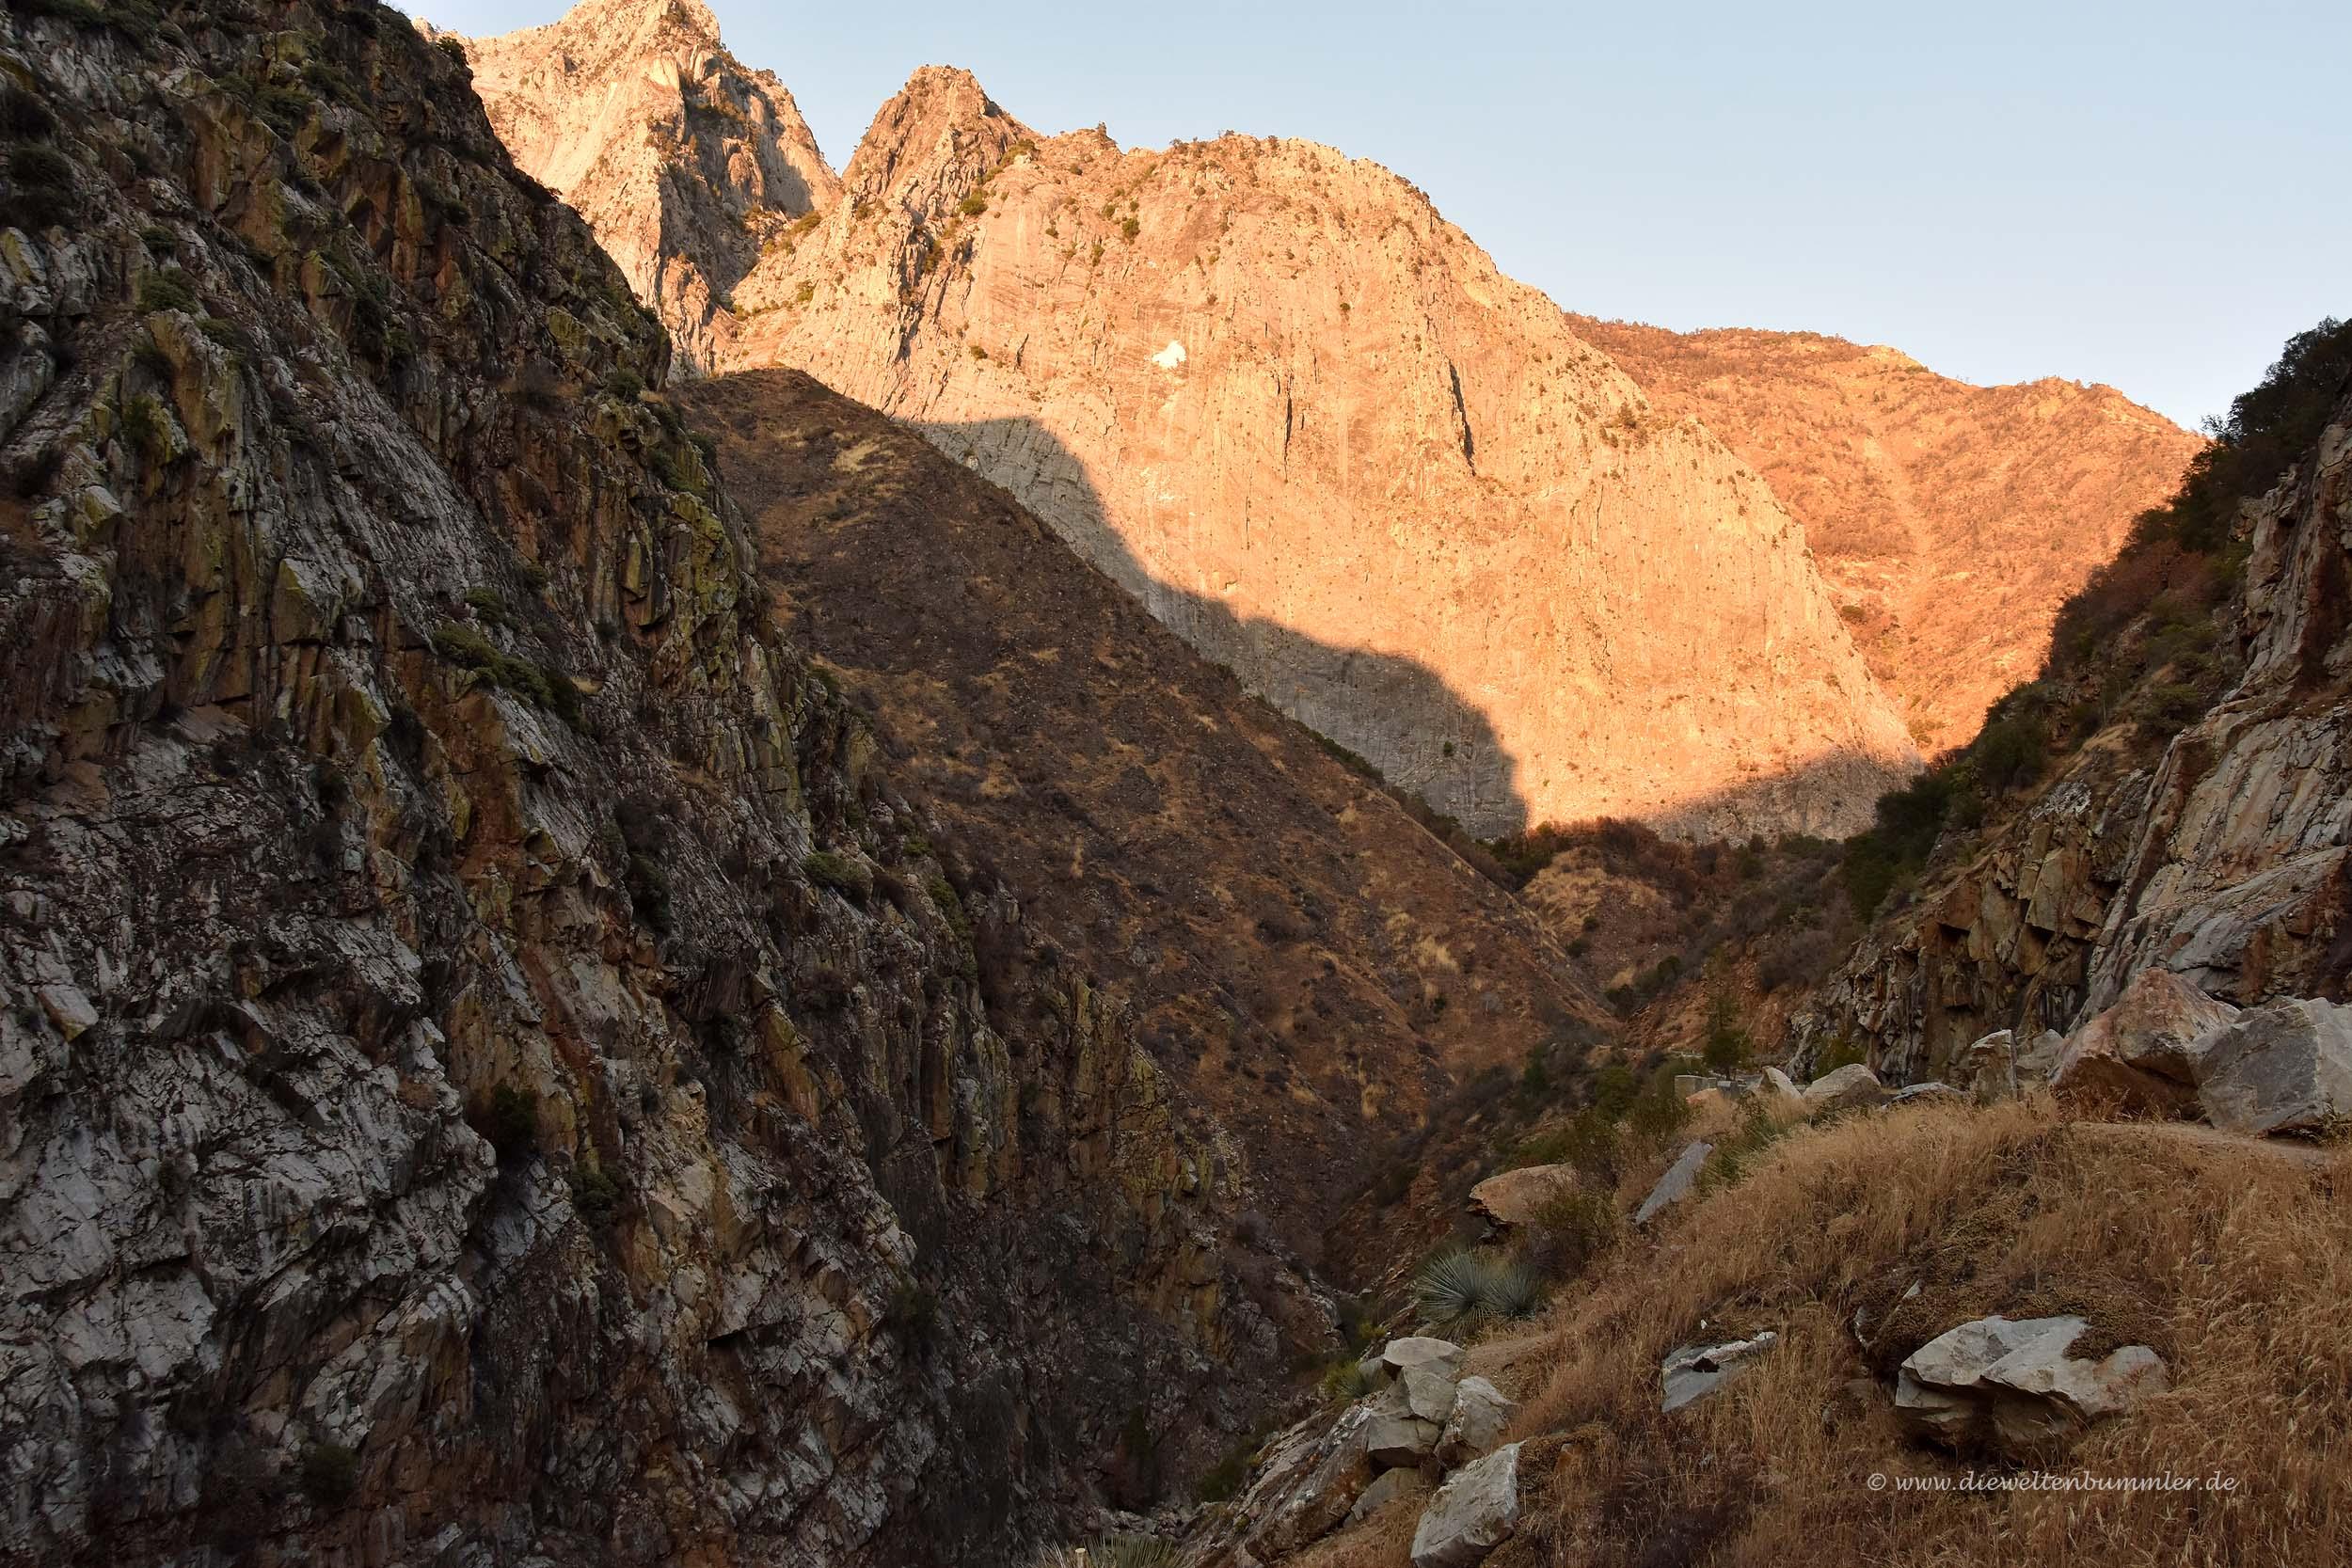 Alpenglühen in der Sierra Nevada